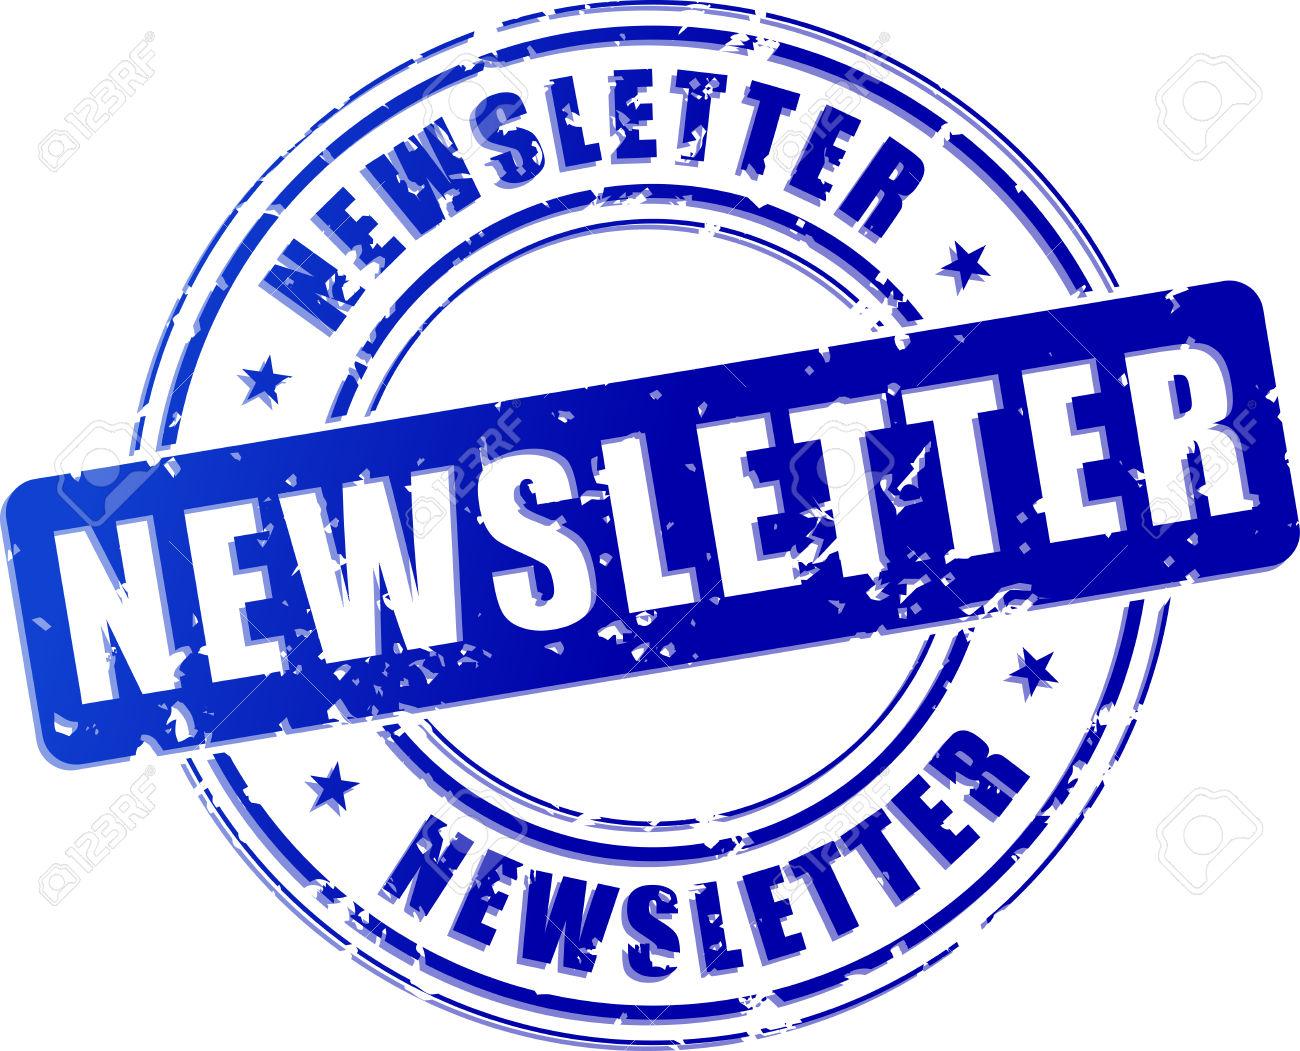 Newsletter Clipart & Newsletter Clip Art Images.